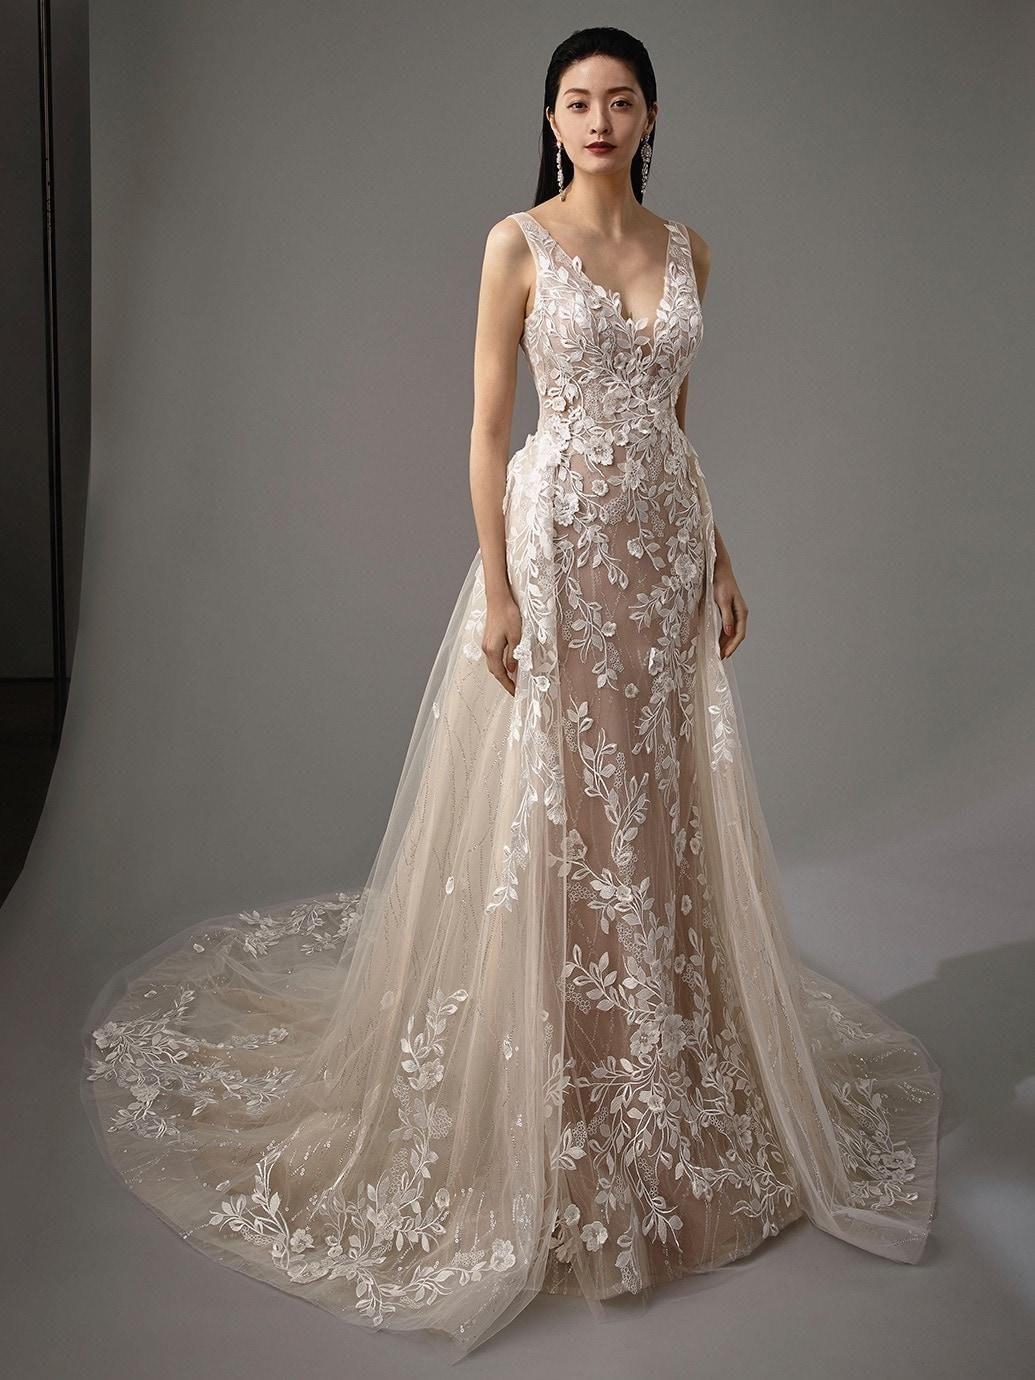 Hochzeitskleider - Bilder-Galerie und Brautkleider-Trends  Blaue